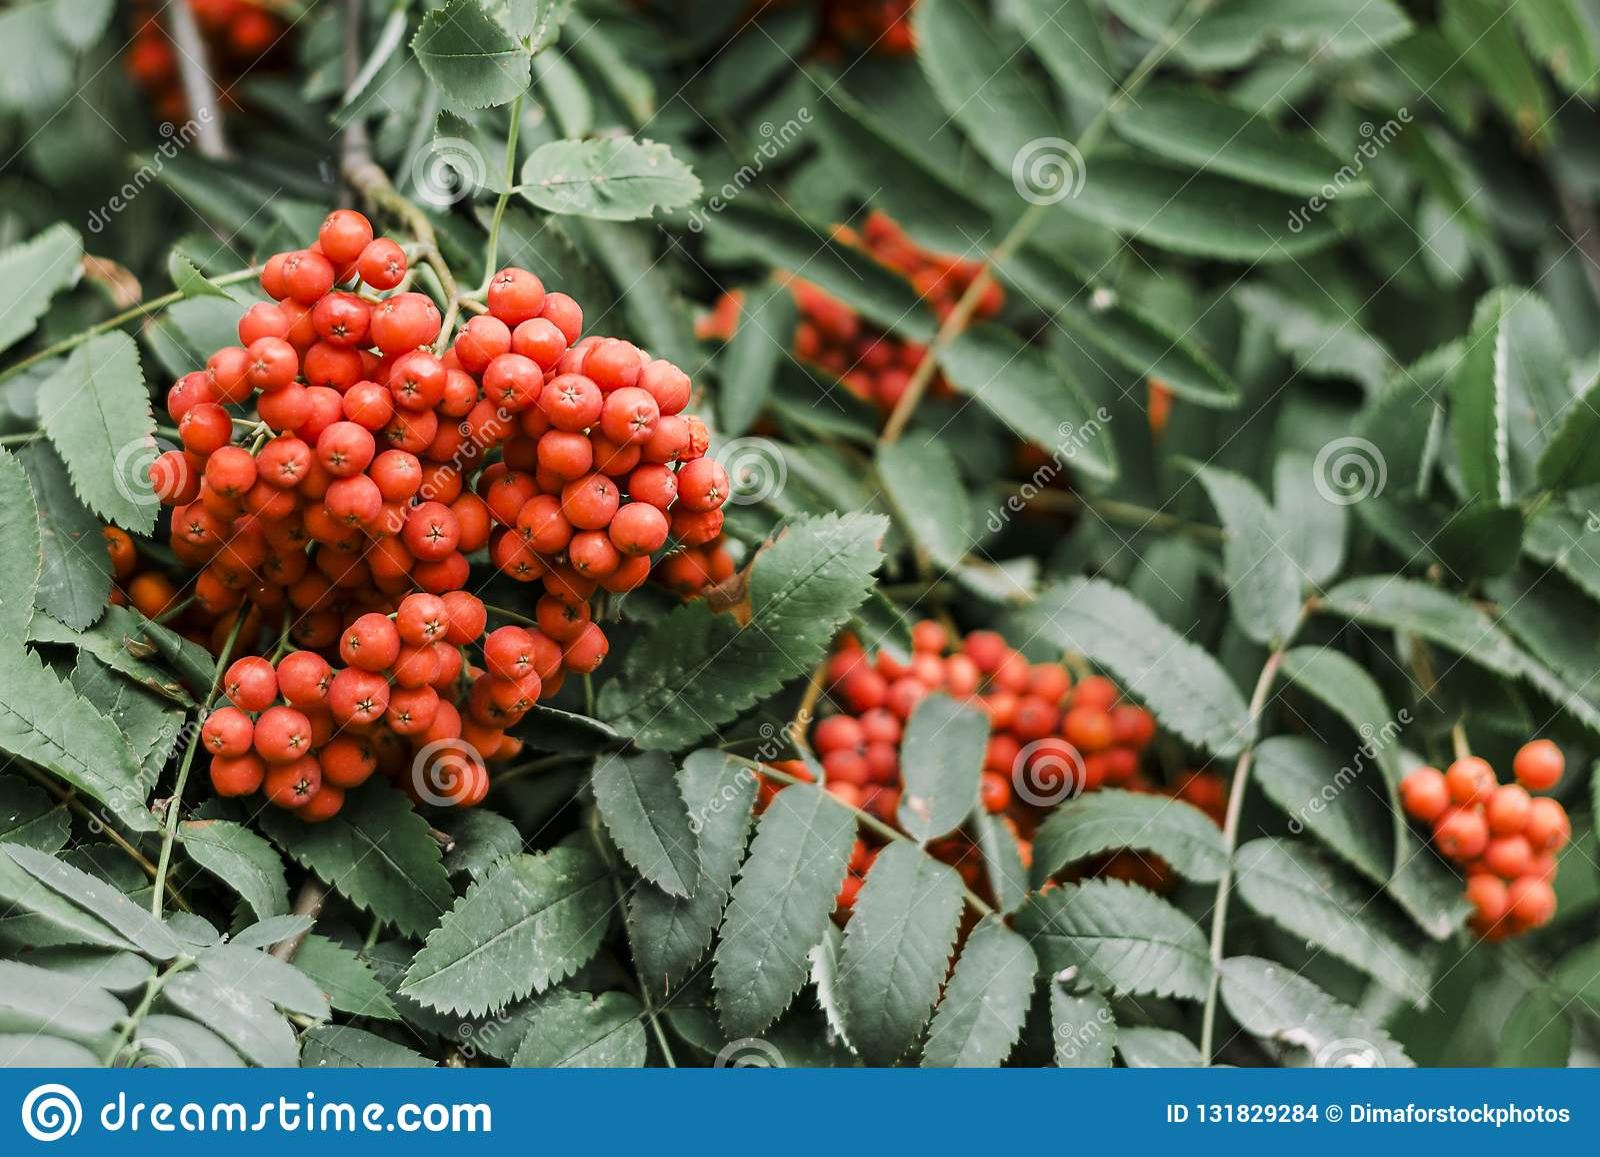 Κόκκινη σορβιά στα πράσινα φύλλα